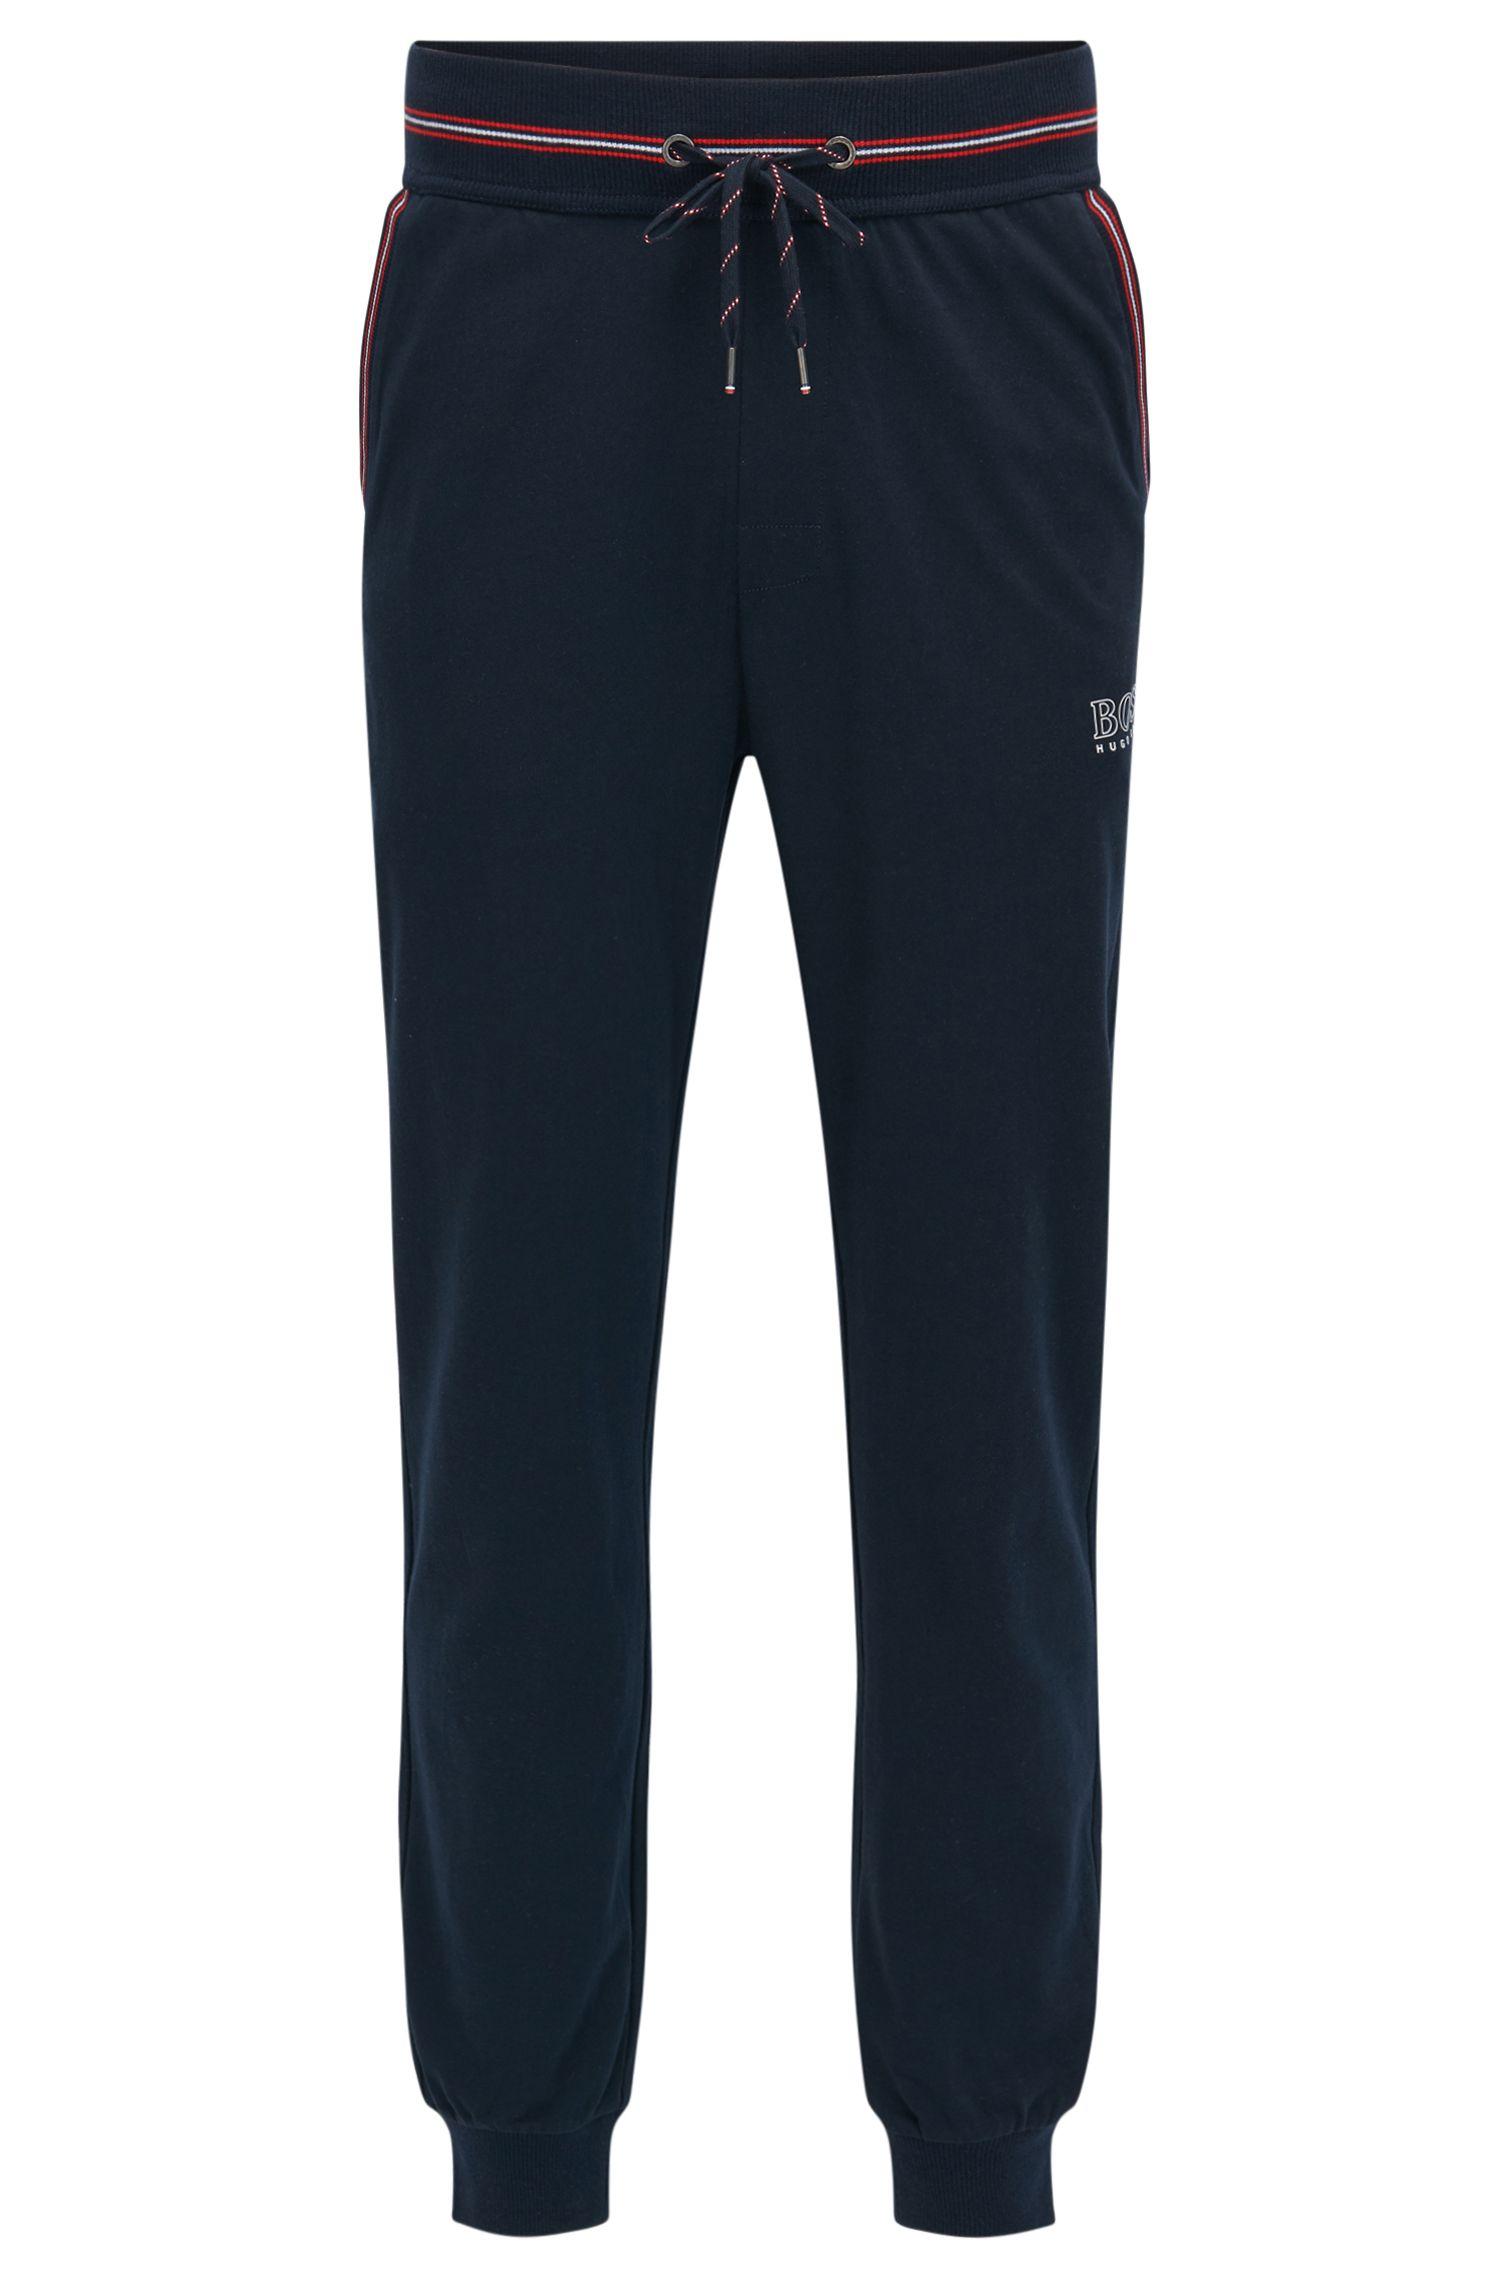 Pantalon d'intérieur resserré au bas des jambes, en jersey simple de coton